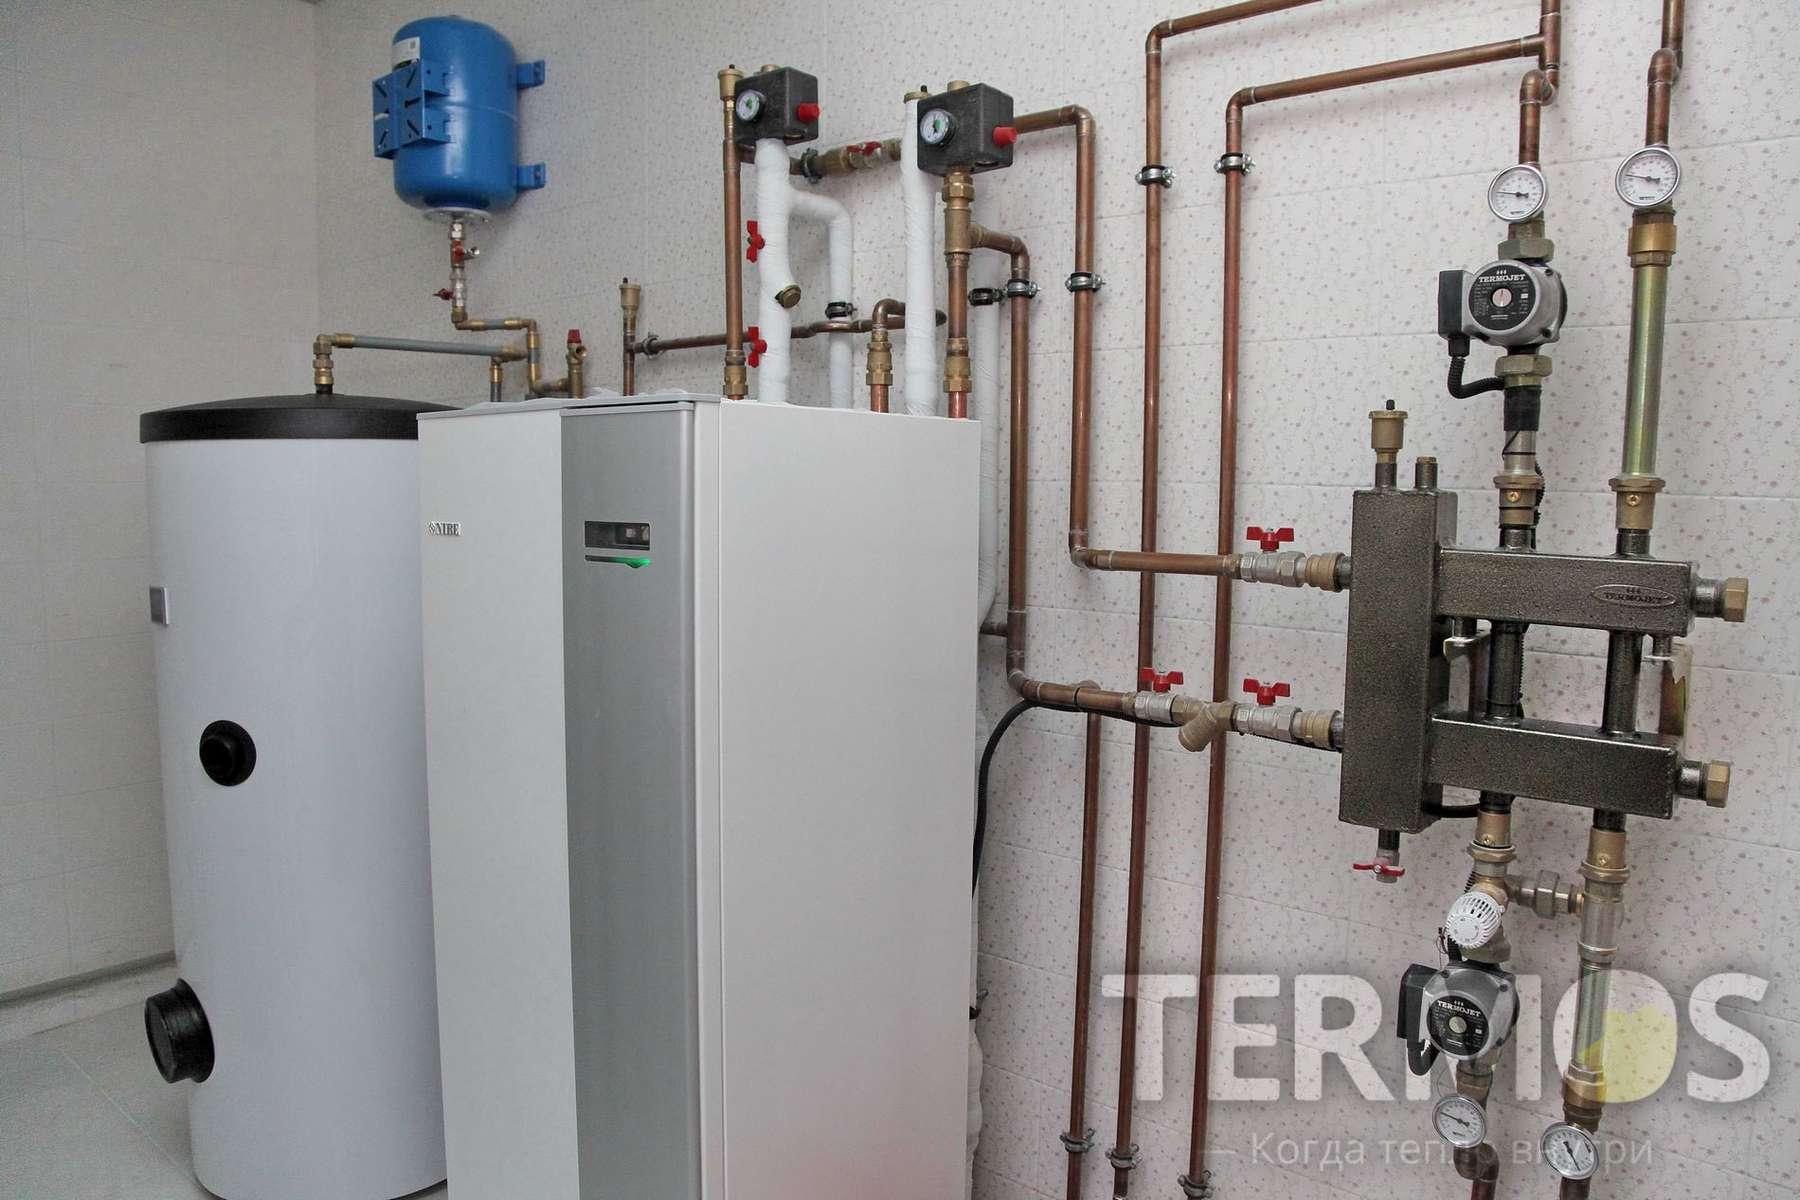 с. Круглик. Дом 240 кв м. Тепловой насос обеспечивает отопление дома и приготовление горячей воды в 200 л эффективном бойлере.